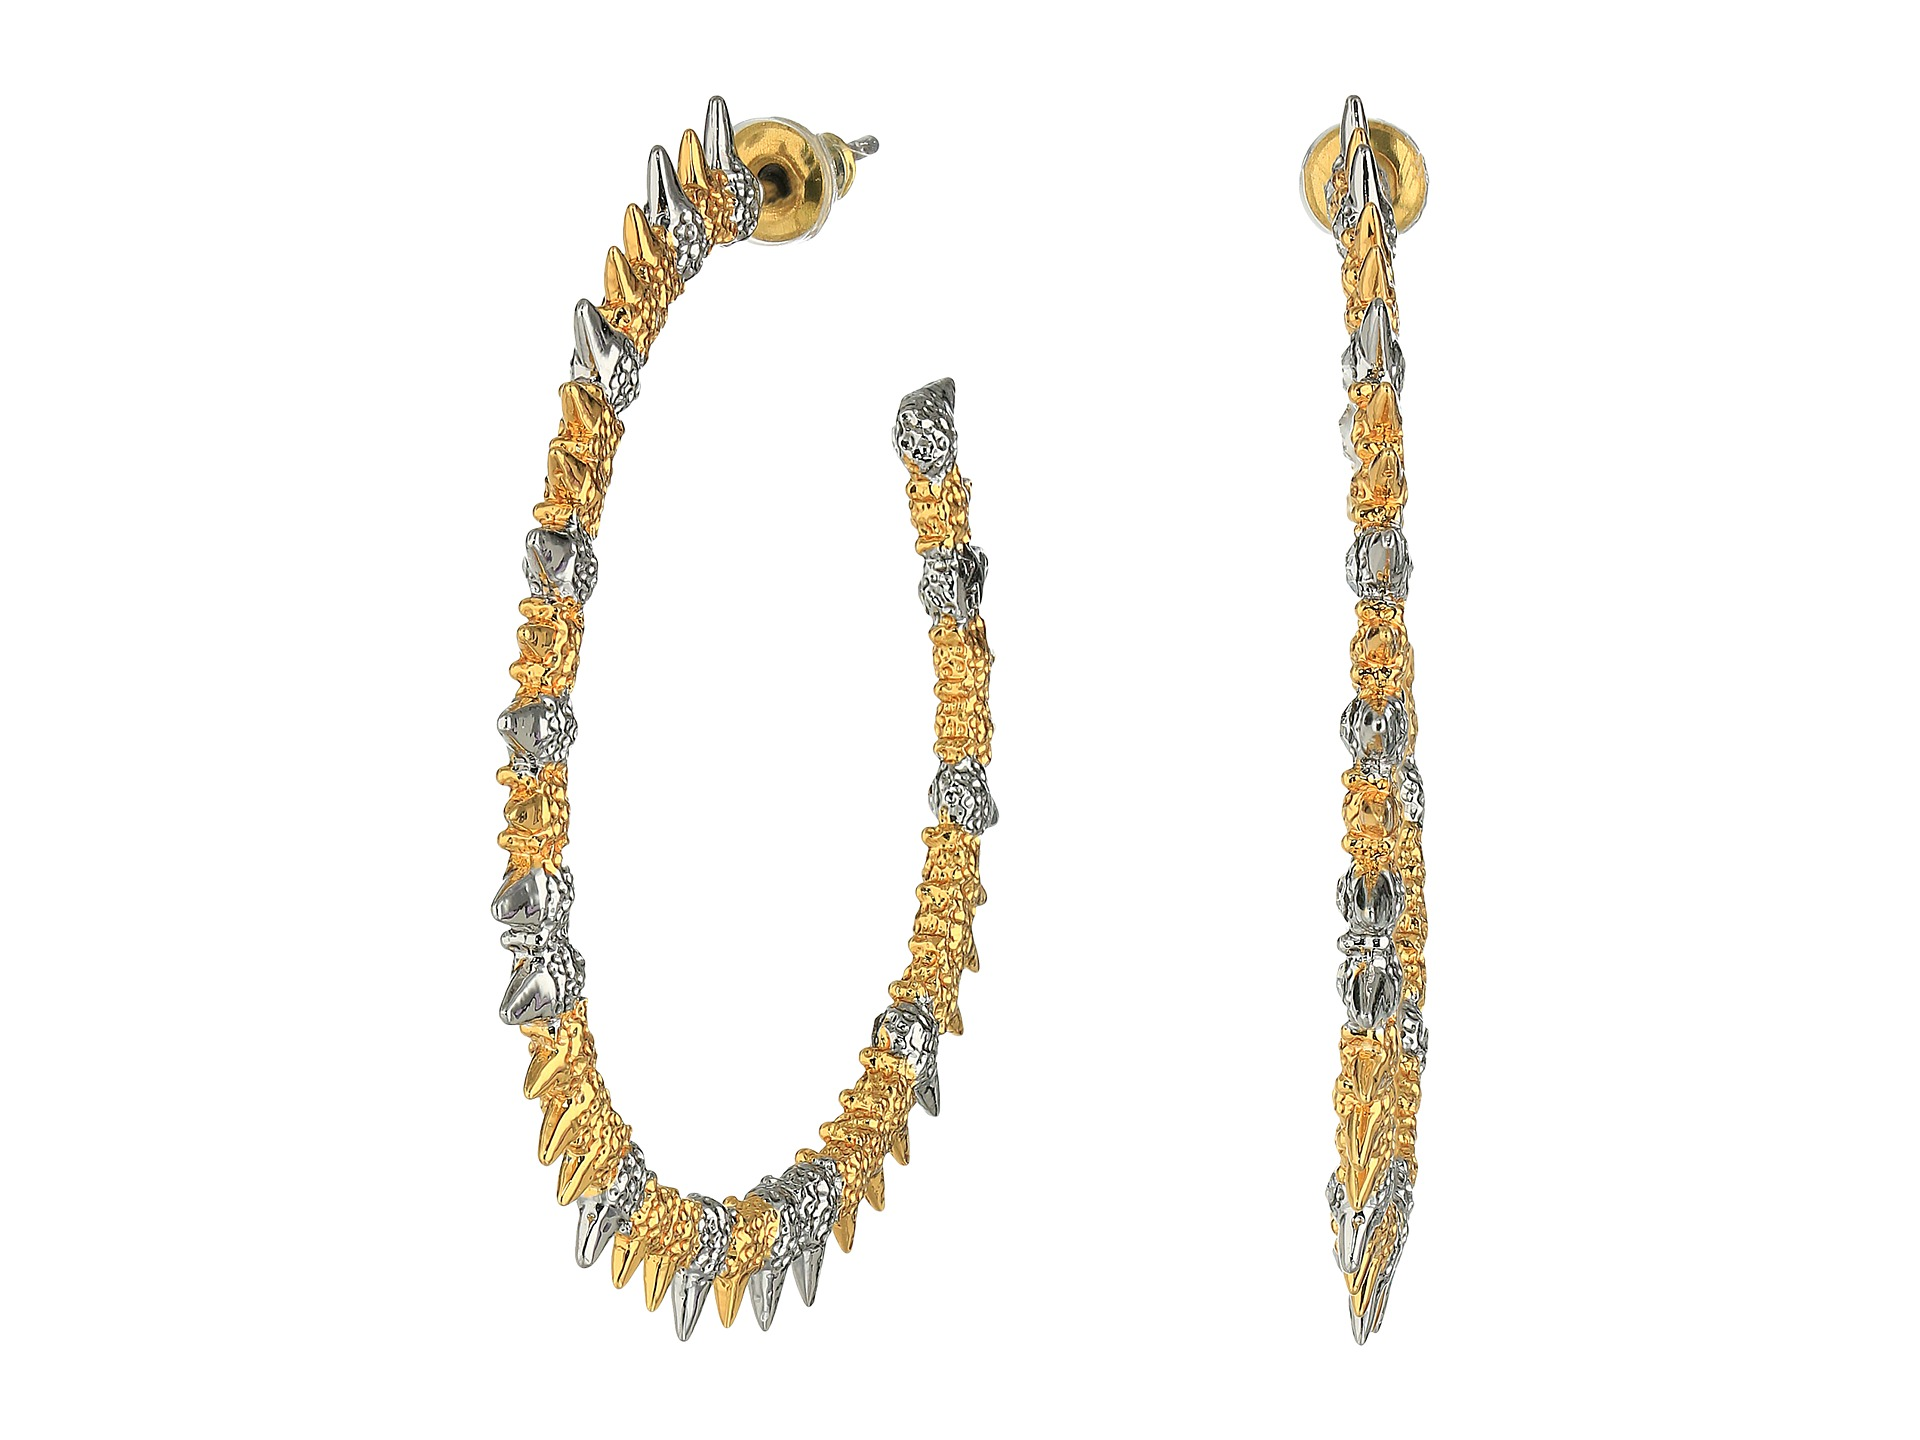 Hoop Earrings With Studs Studded Spur Hoop Earrings